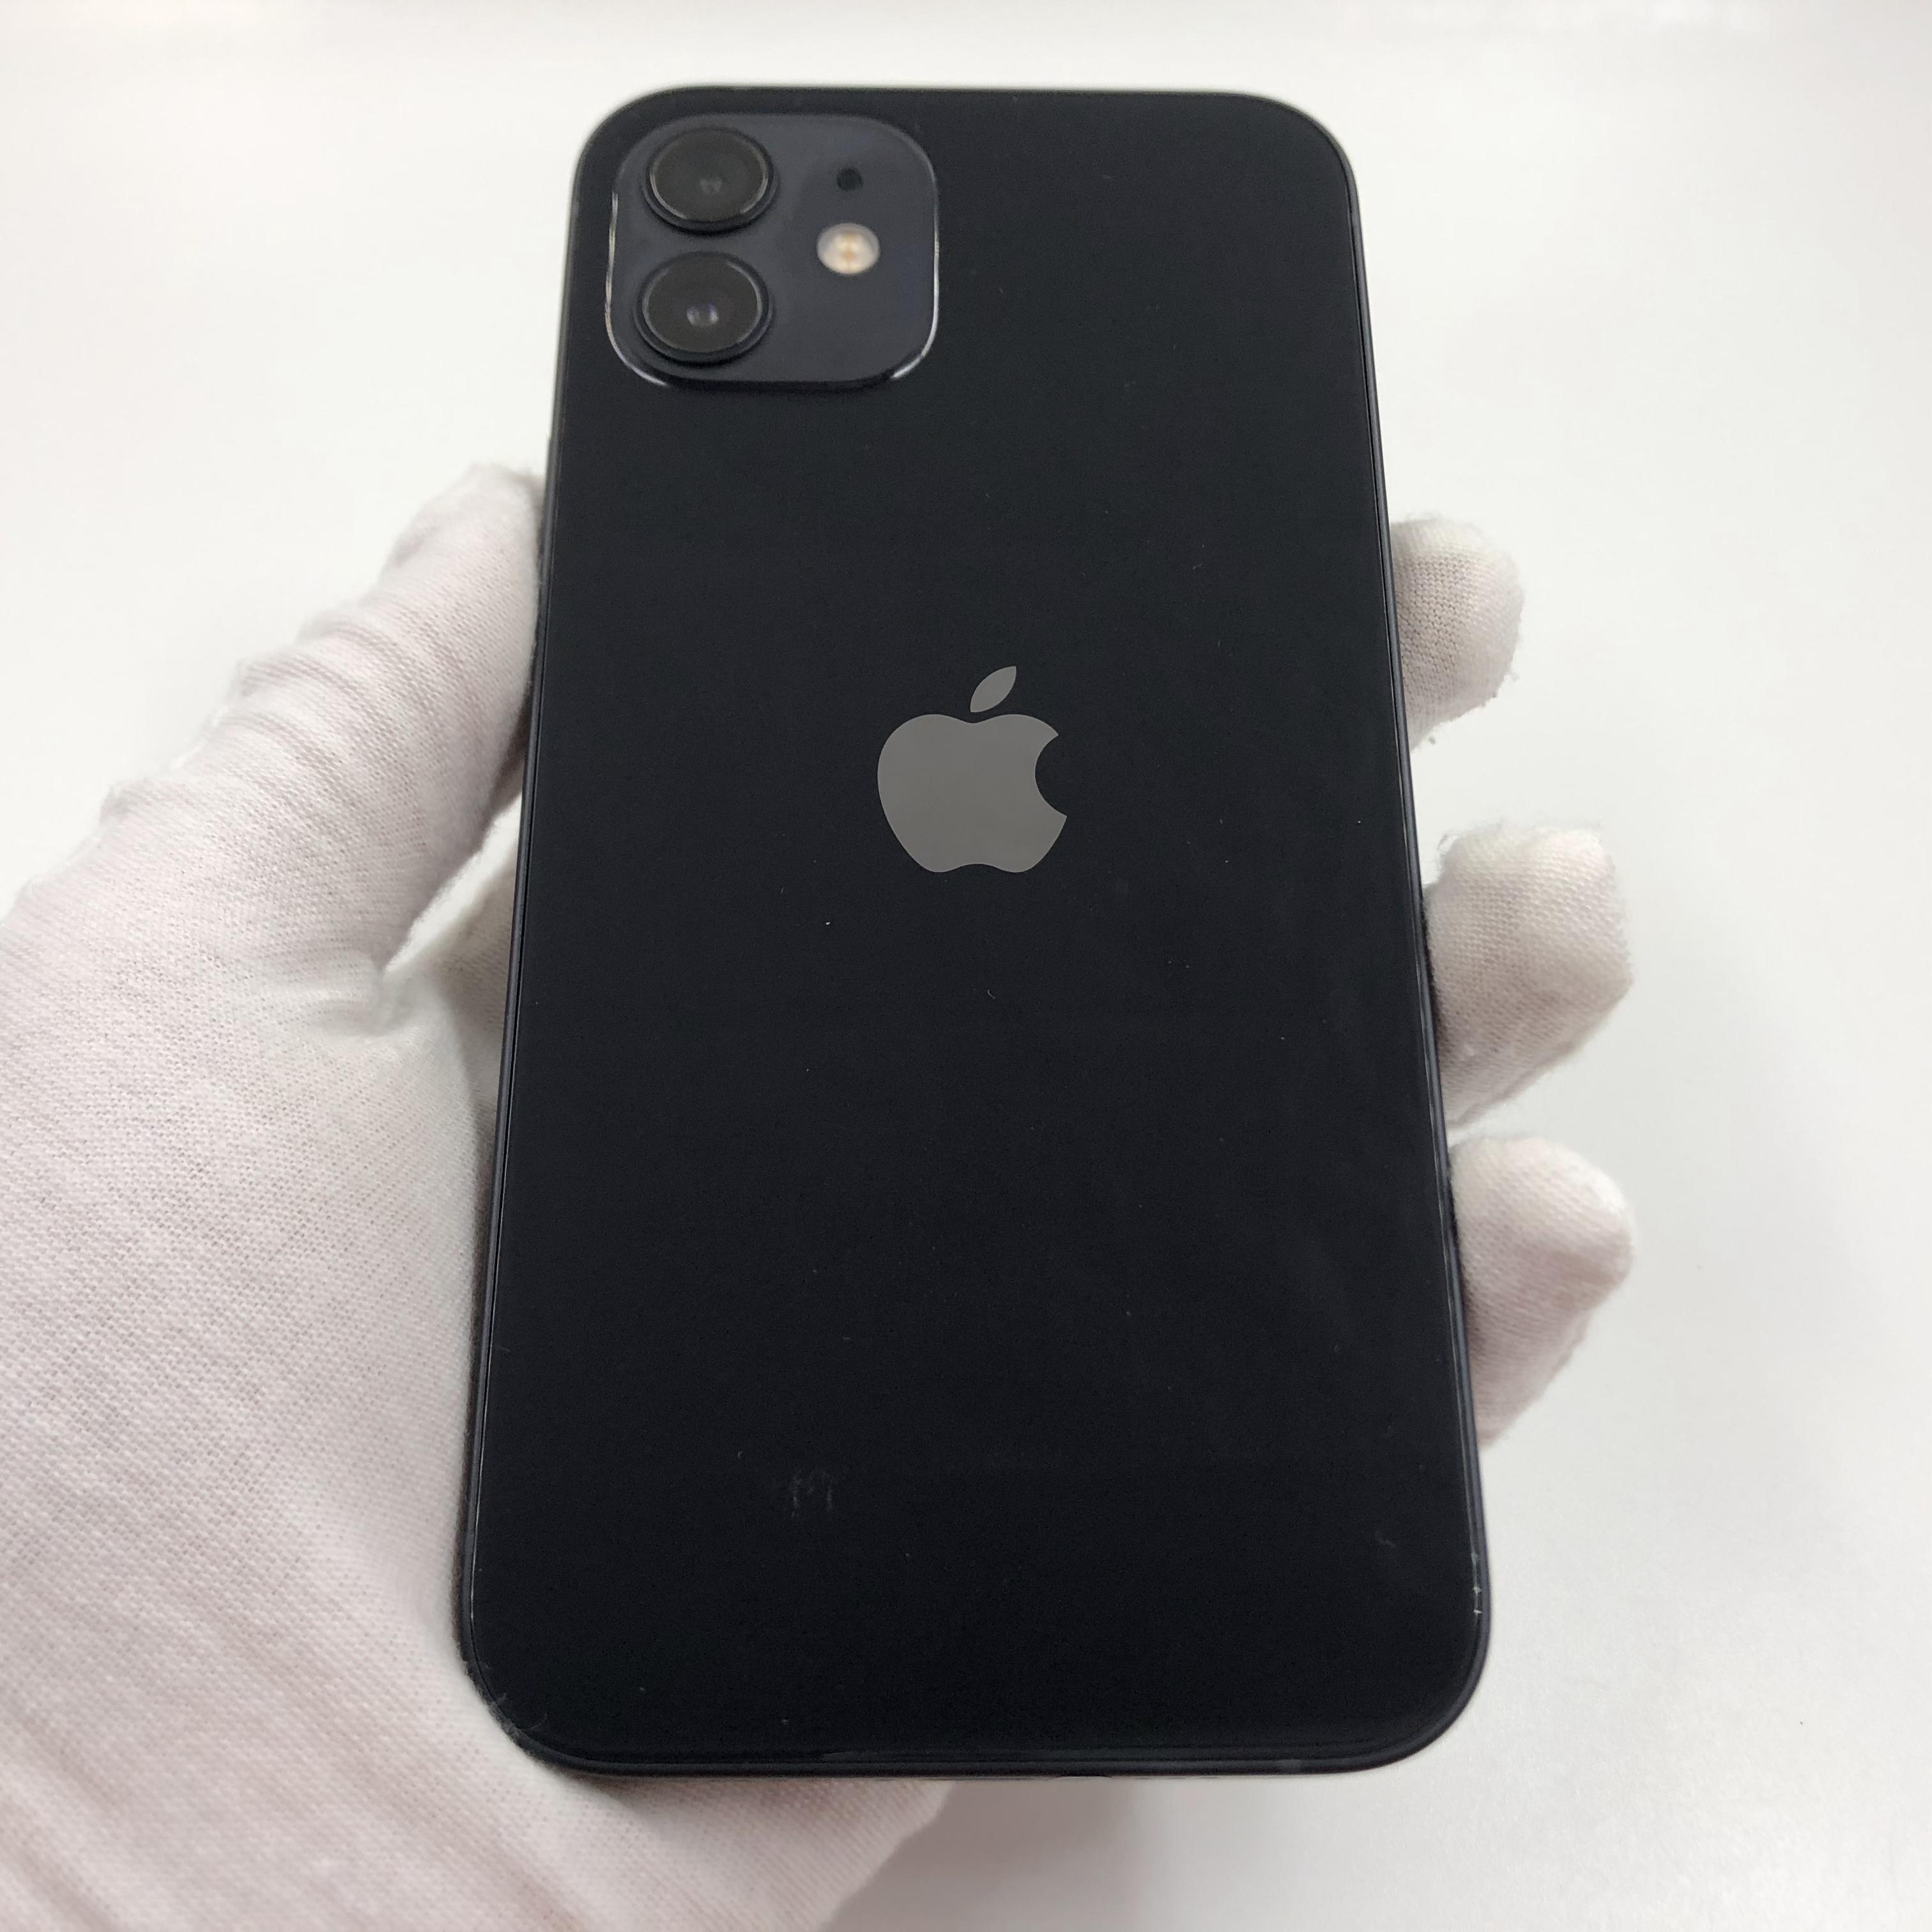 苹果【iPhone 12】5G全网通 黑色 128G 国行 95新 真机实拍官保2022-03-01